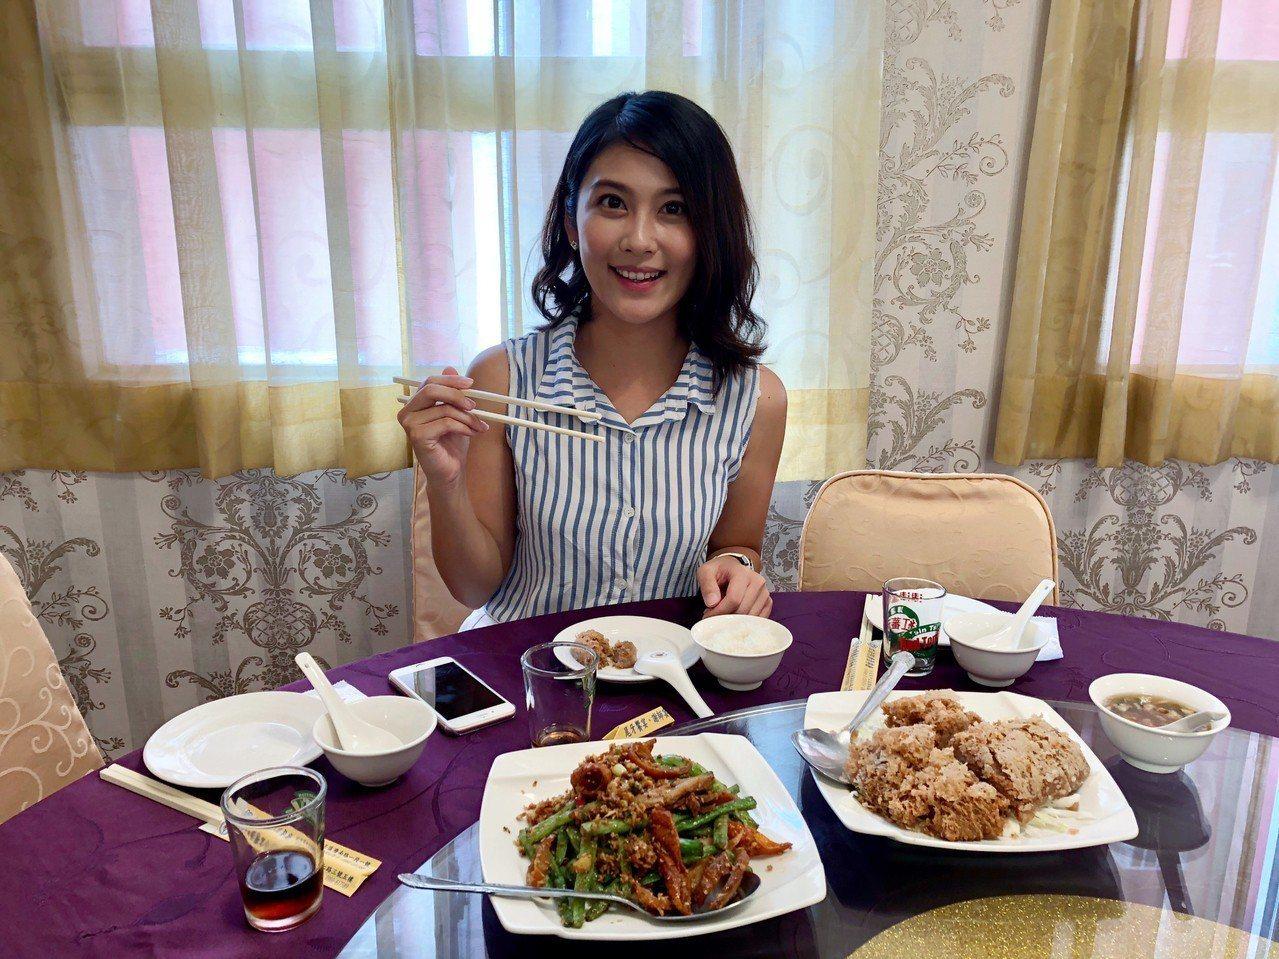 「超美人」主播卓君澤愛吃美食,這次帶讀者一探立法院「康園」,品嘗她的私藏菜單。記...